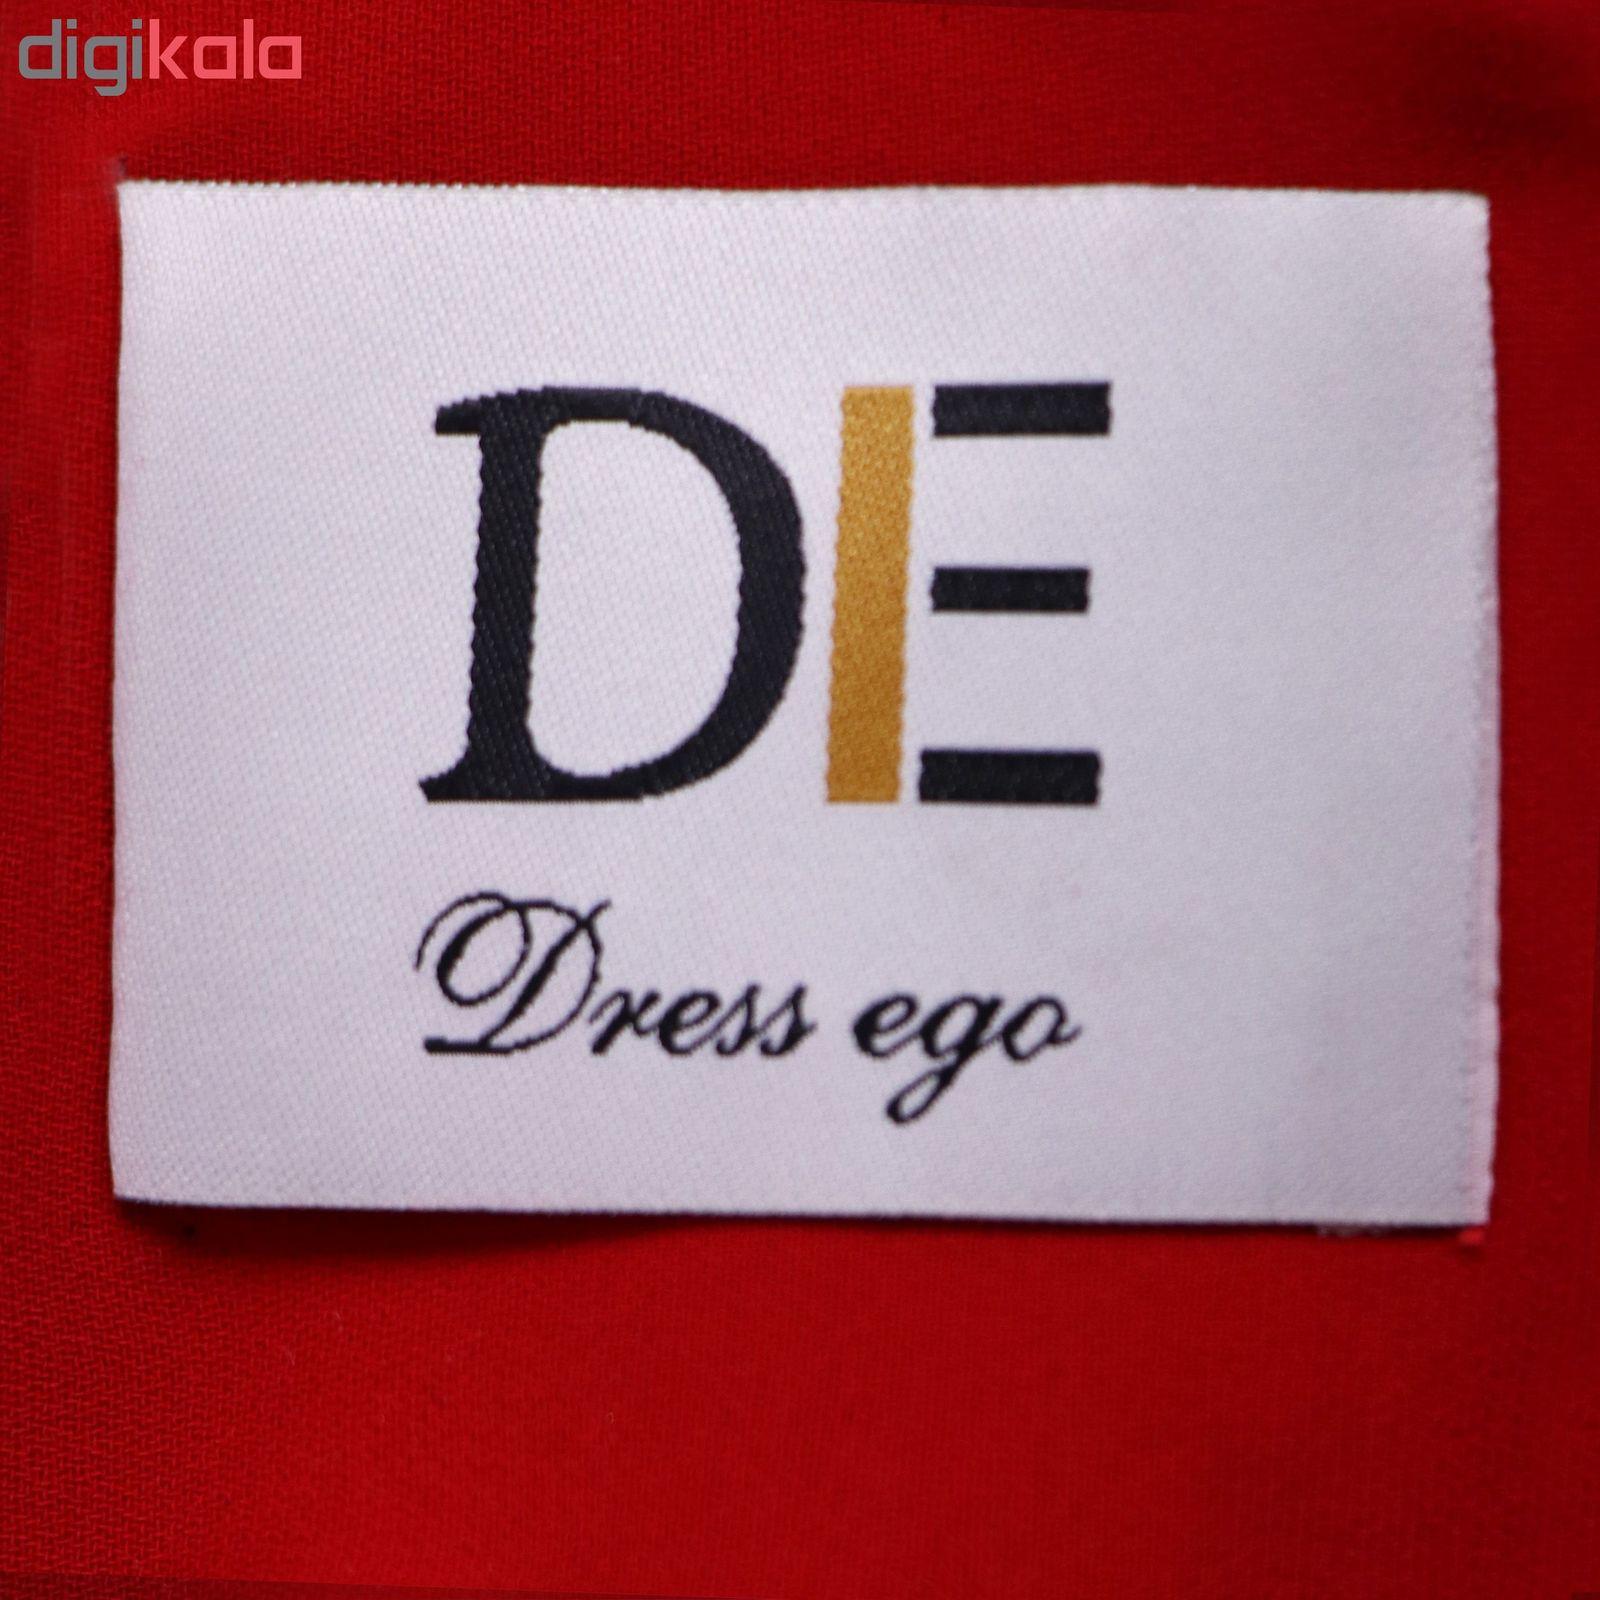 پیراهن زنانه درس ایگو کد 1010018 رنگ قرمز -  - 6